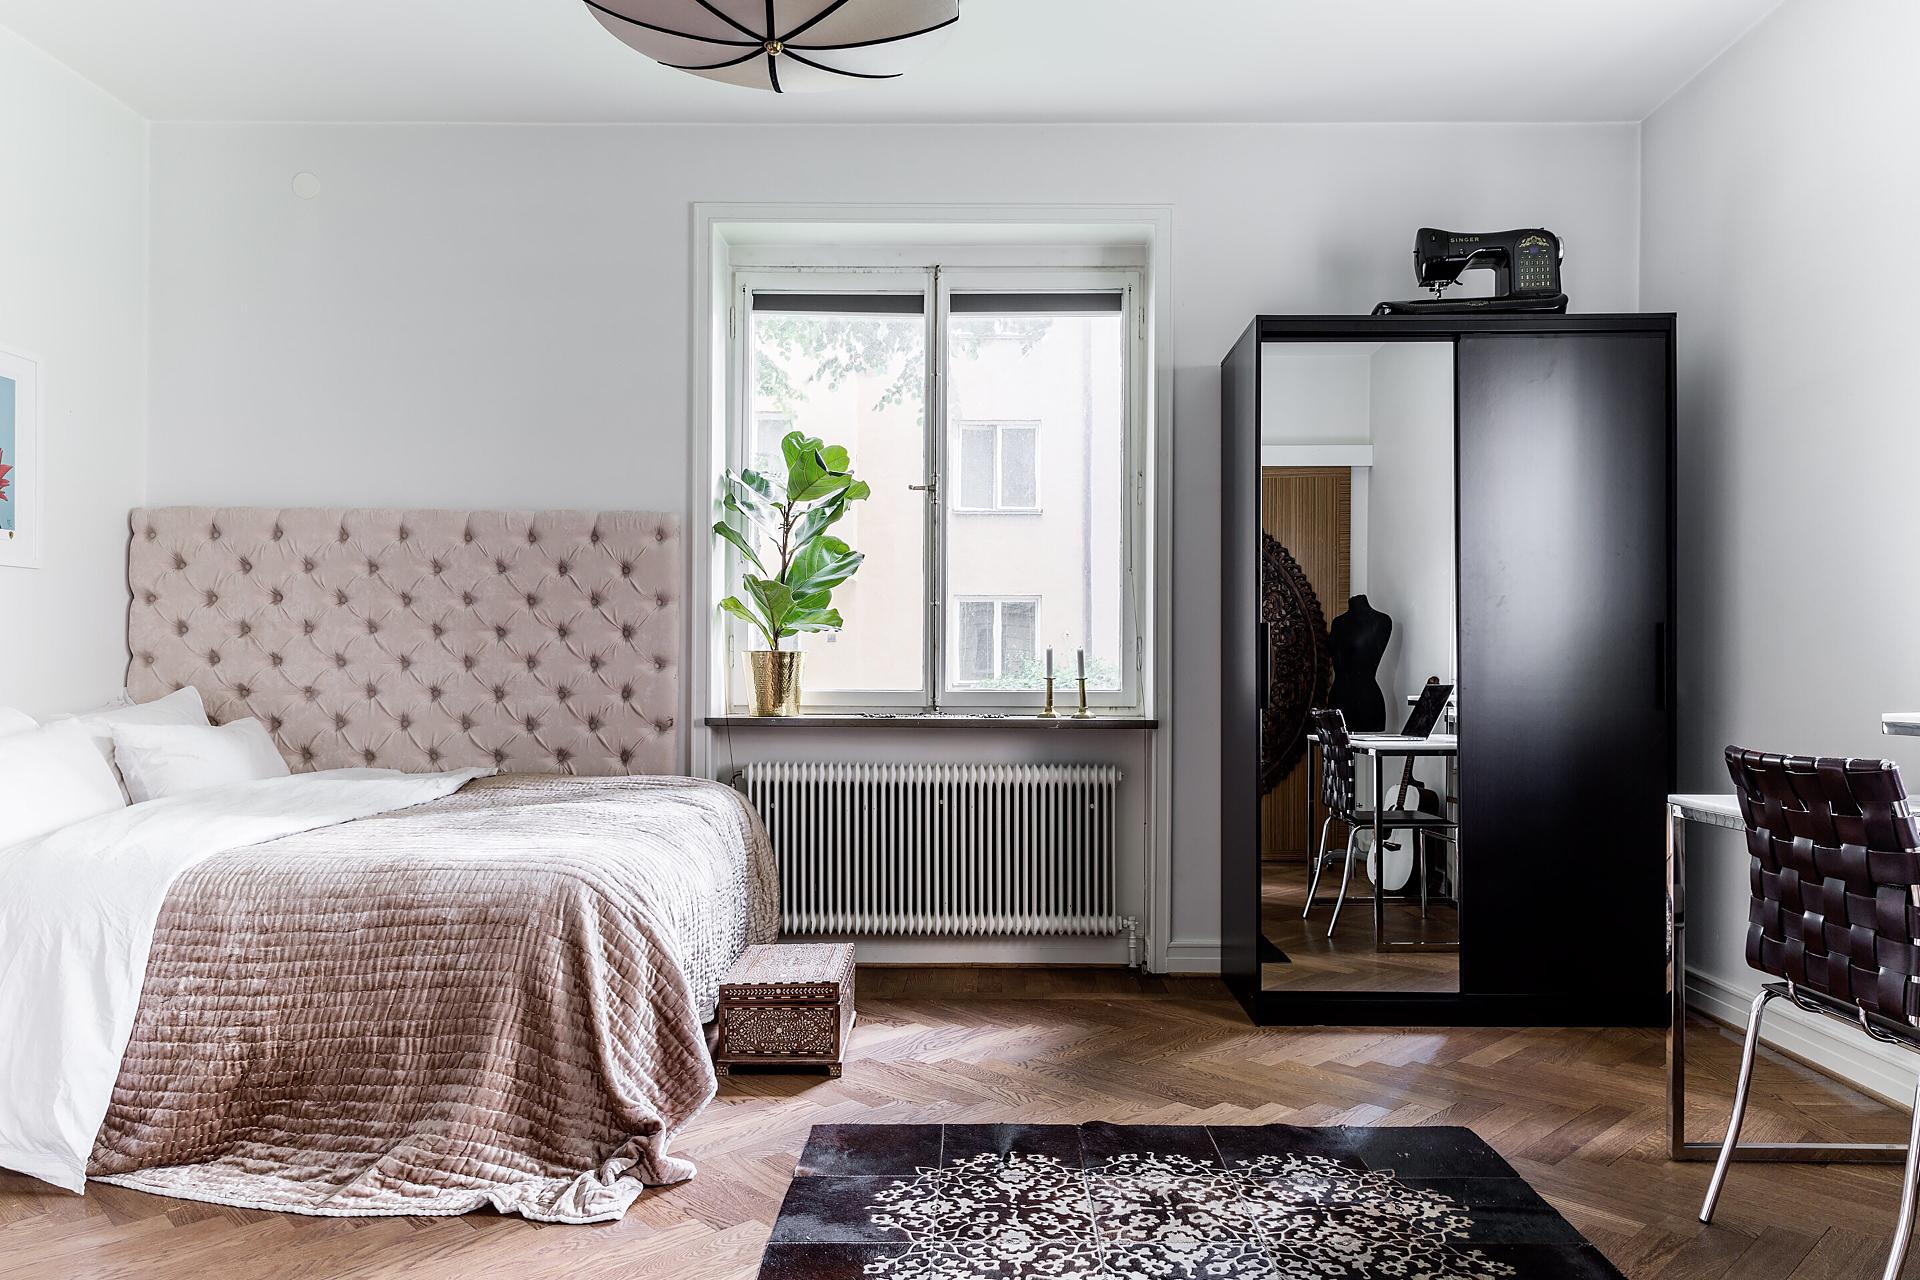 спальня кровать изголовье окно паркет ковер шкаф швейная машинка